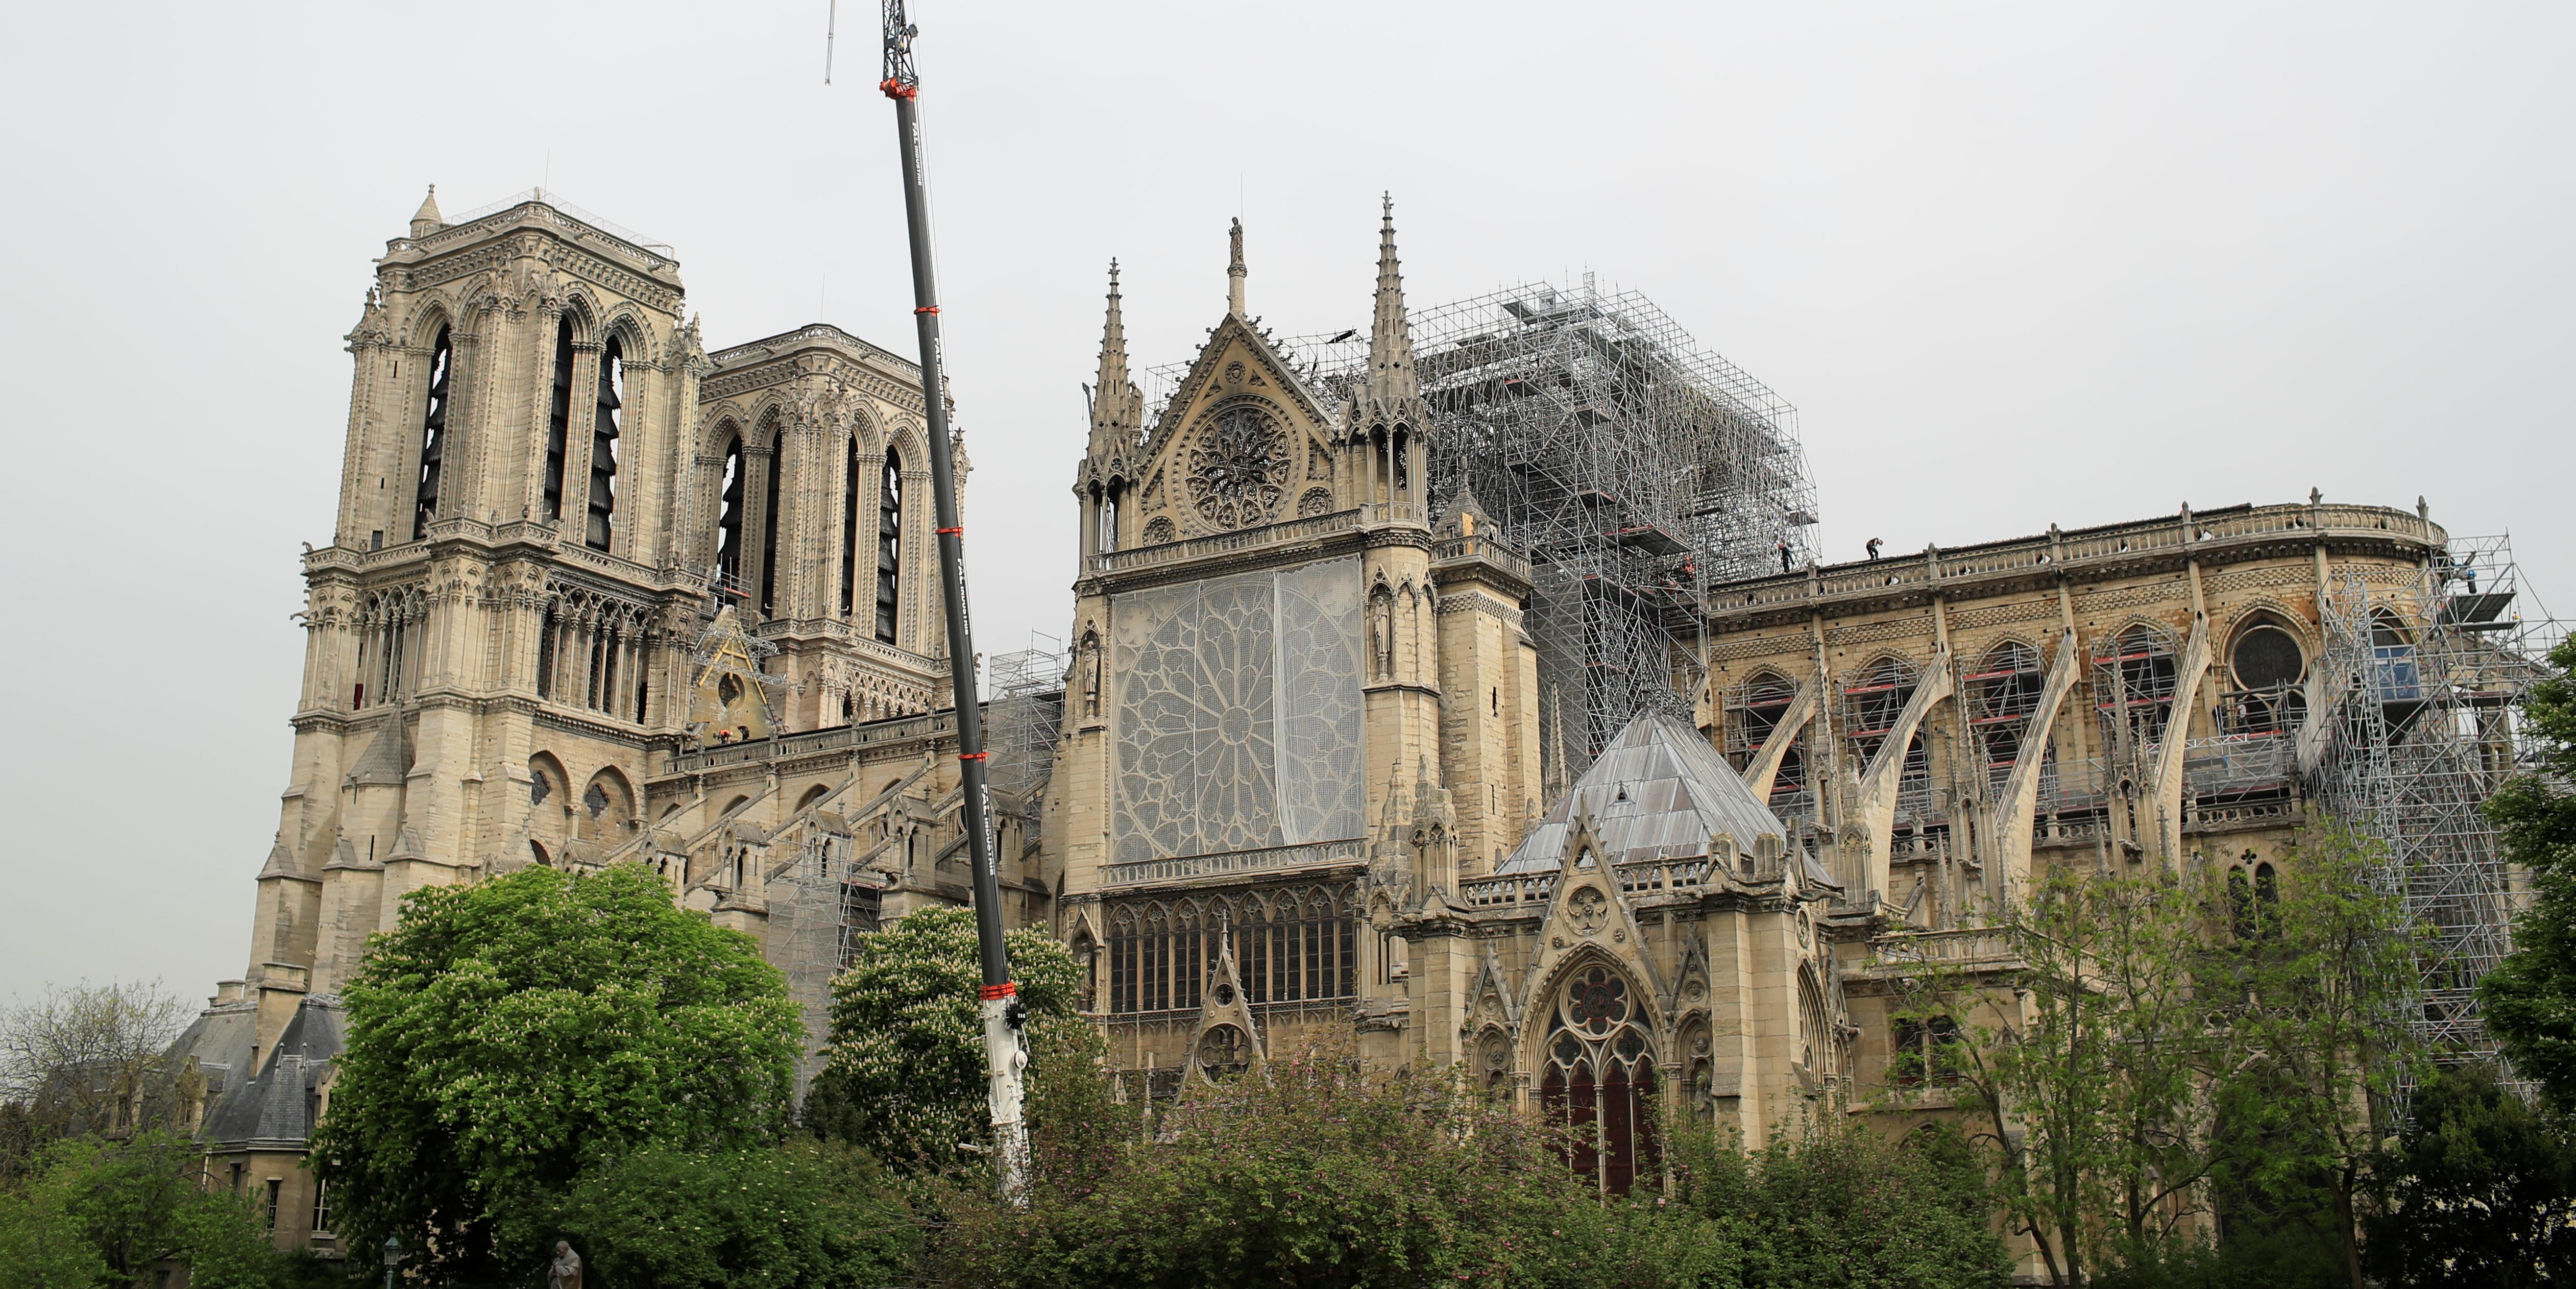 Versement des dons pour Notre-Dame : le compte n'y est pas (du tout)